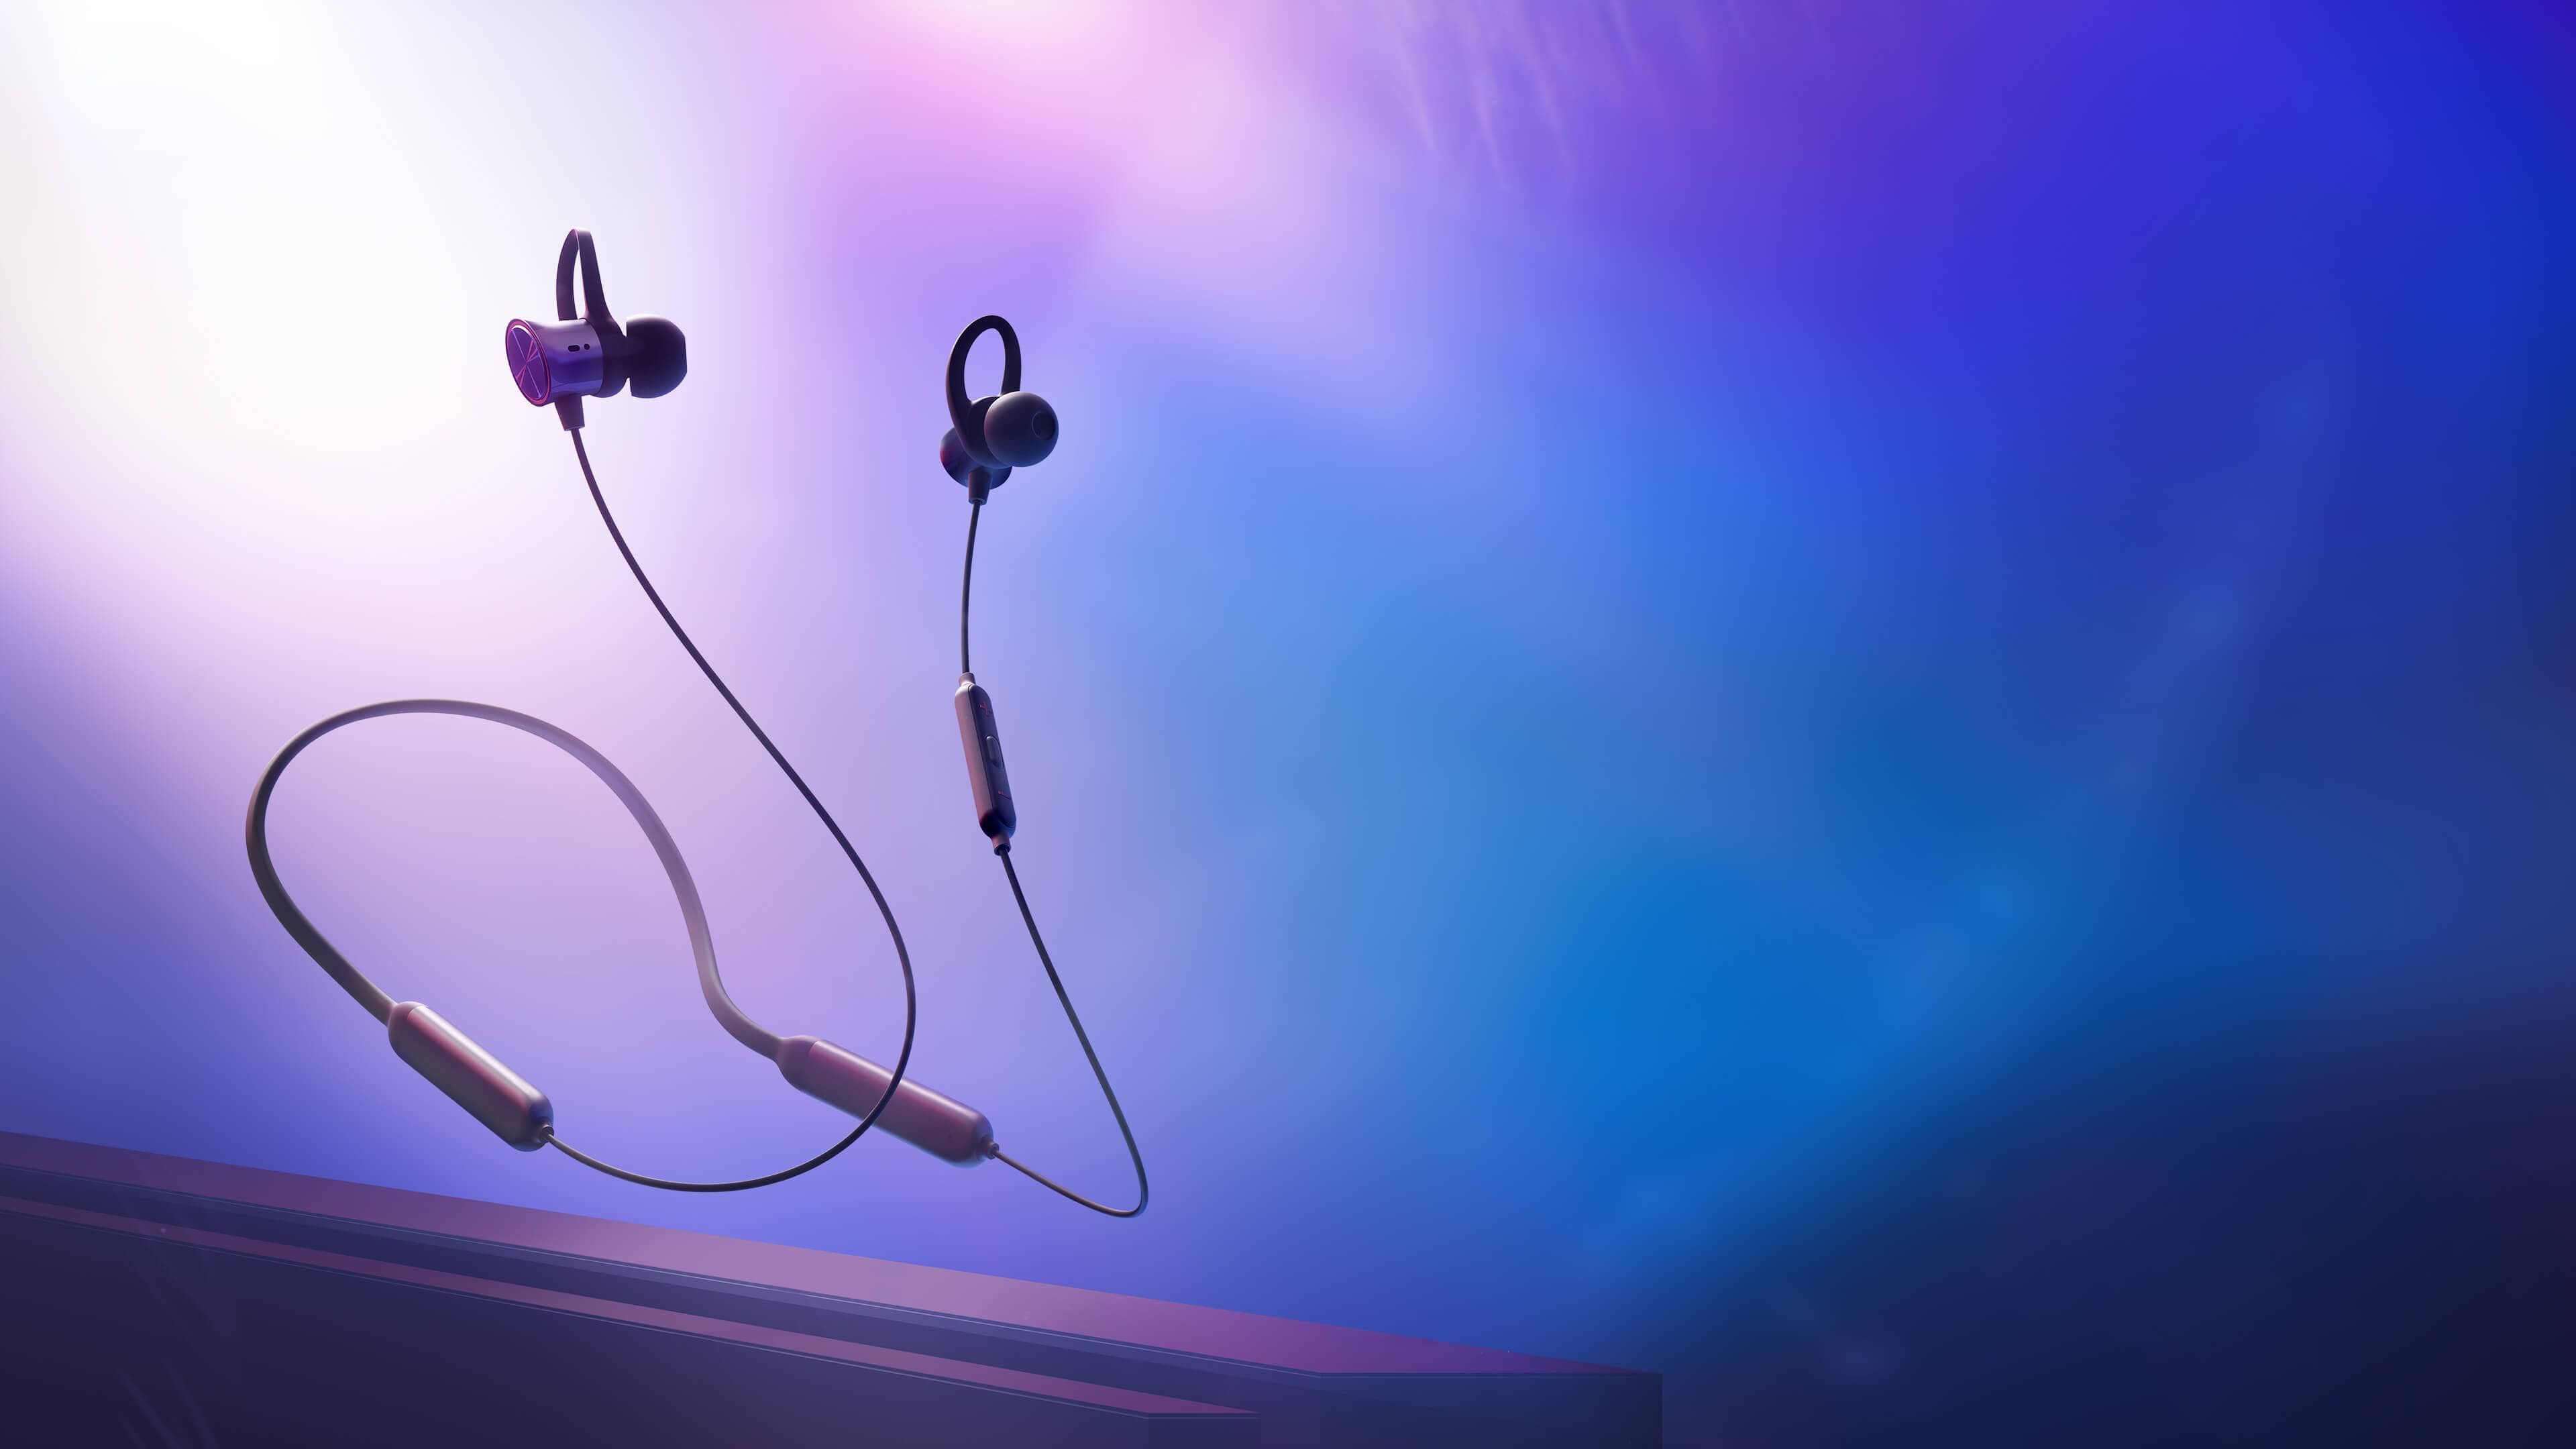 OnePlus Bullets Wireless Earphones